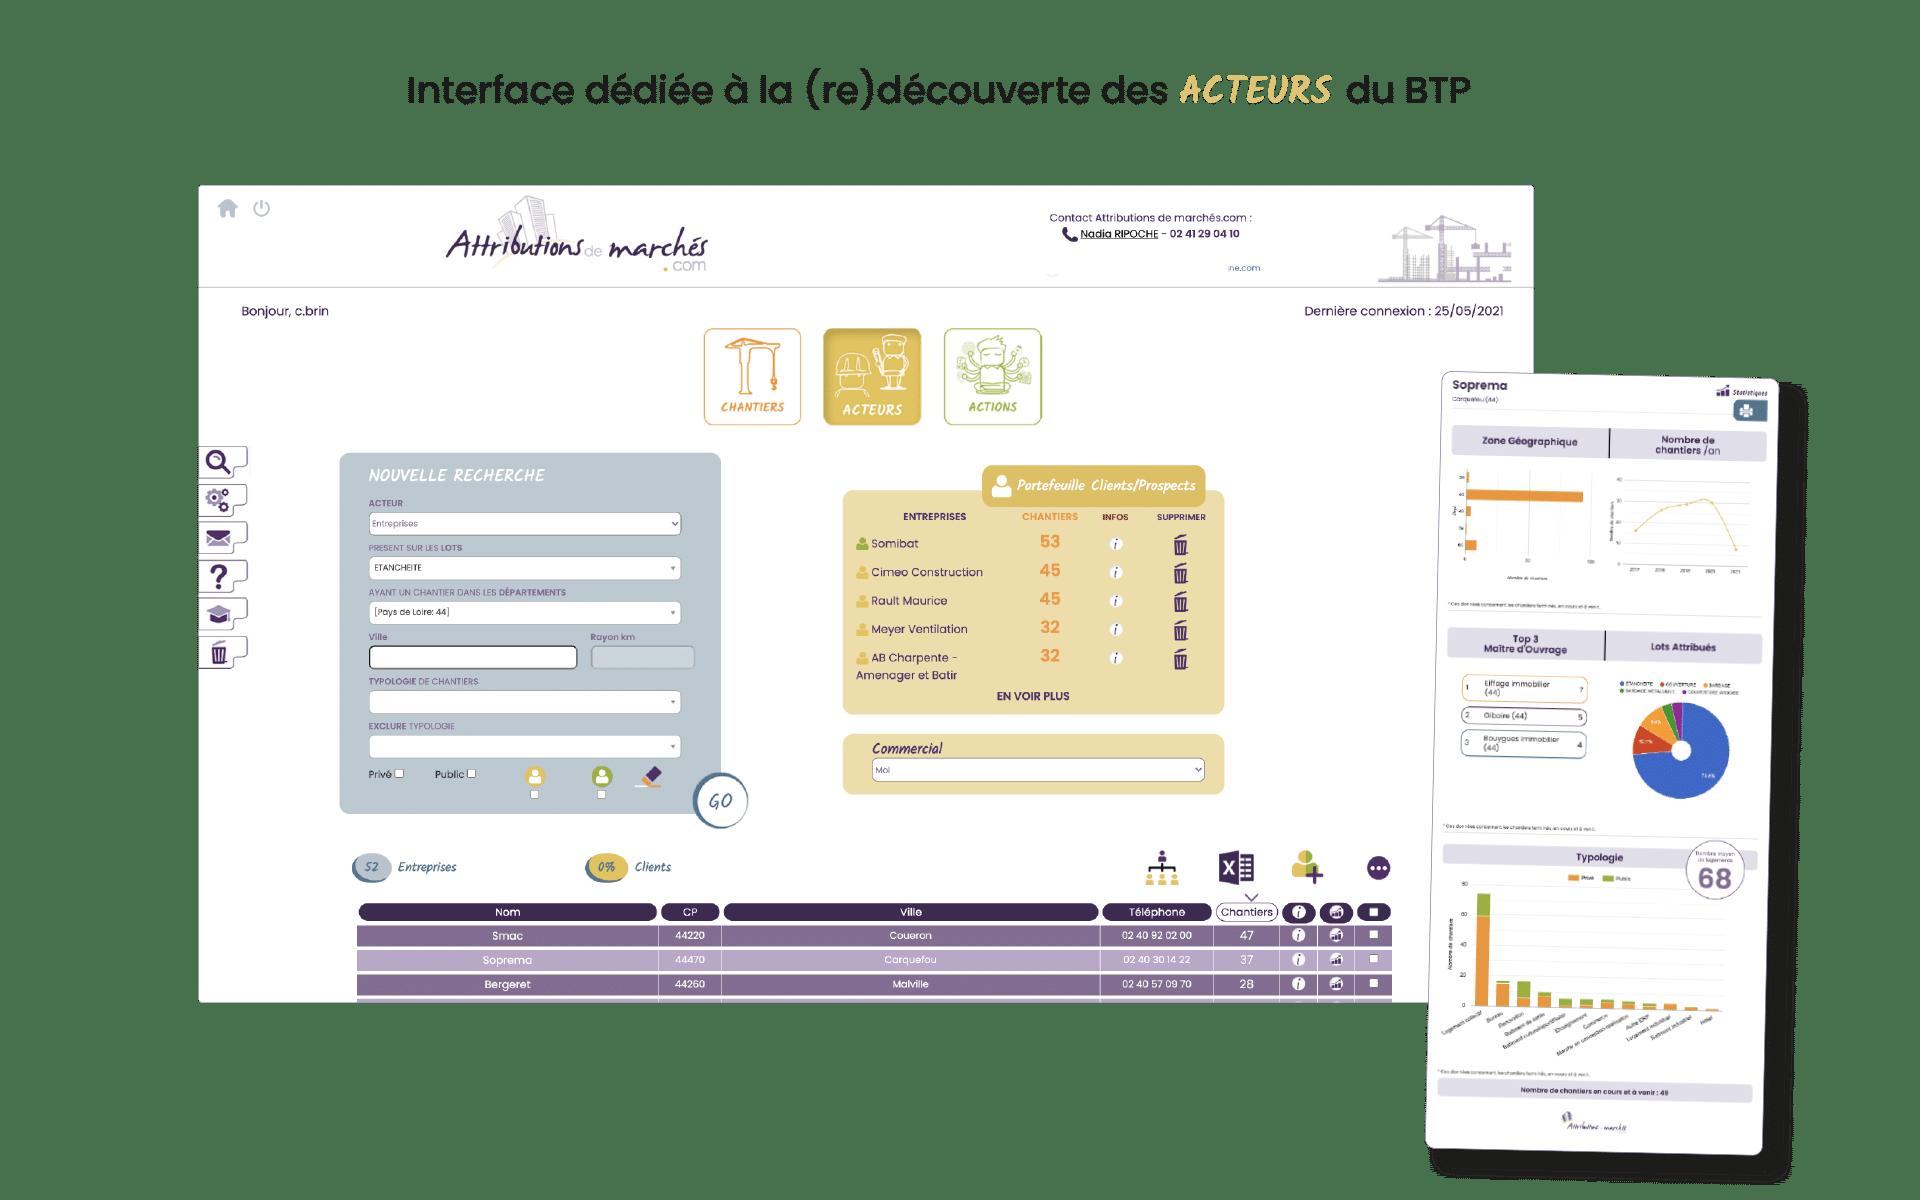 Capture de l'interface acteurs et fonctionnalités outil de veille pour les commerciaux btp